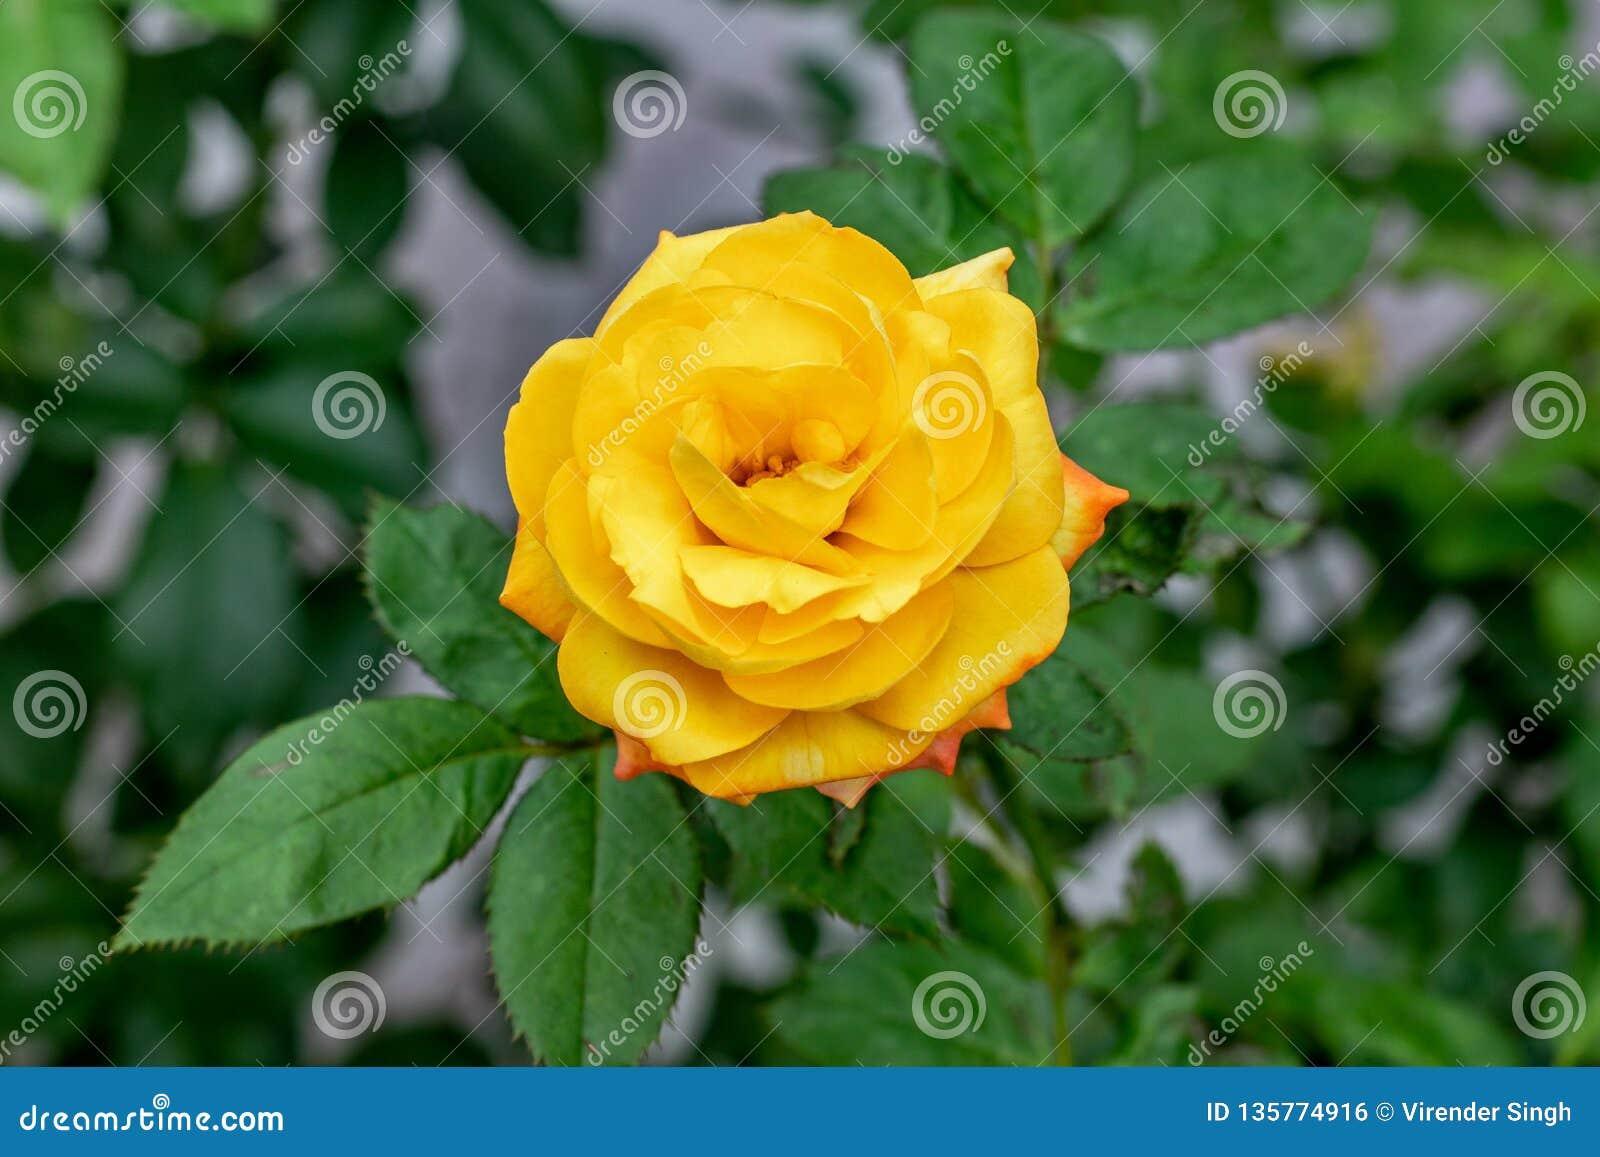 Η κίτρινη ρόδινη άνθηση αυξήθηκε